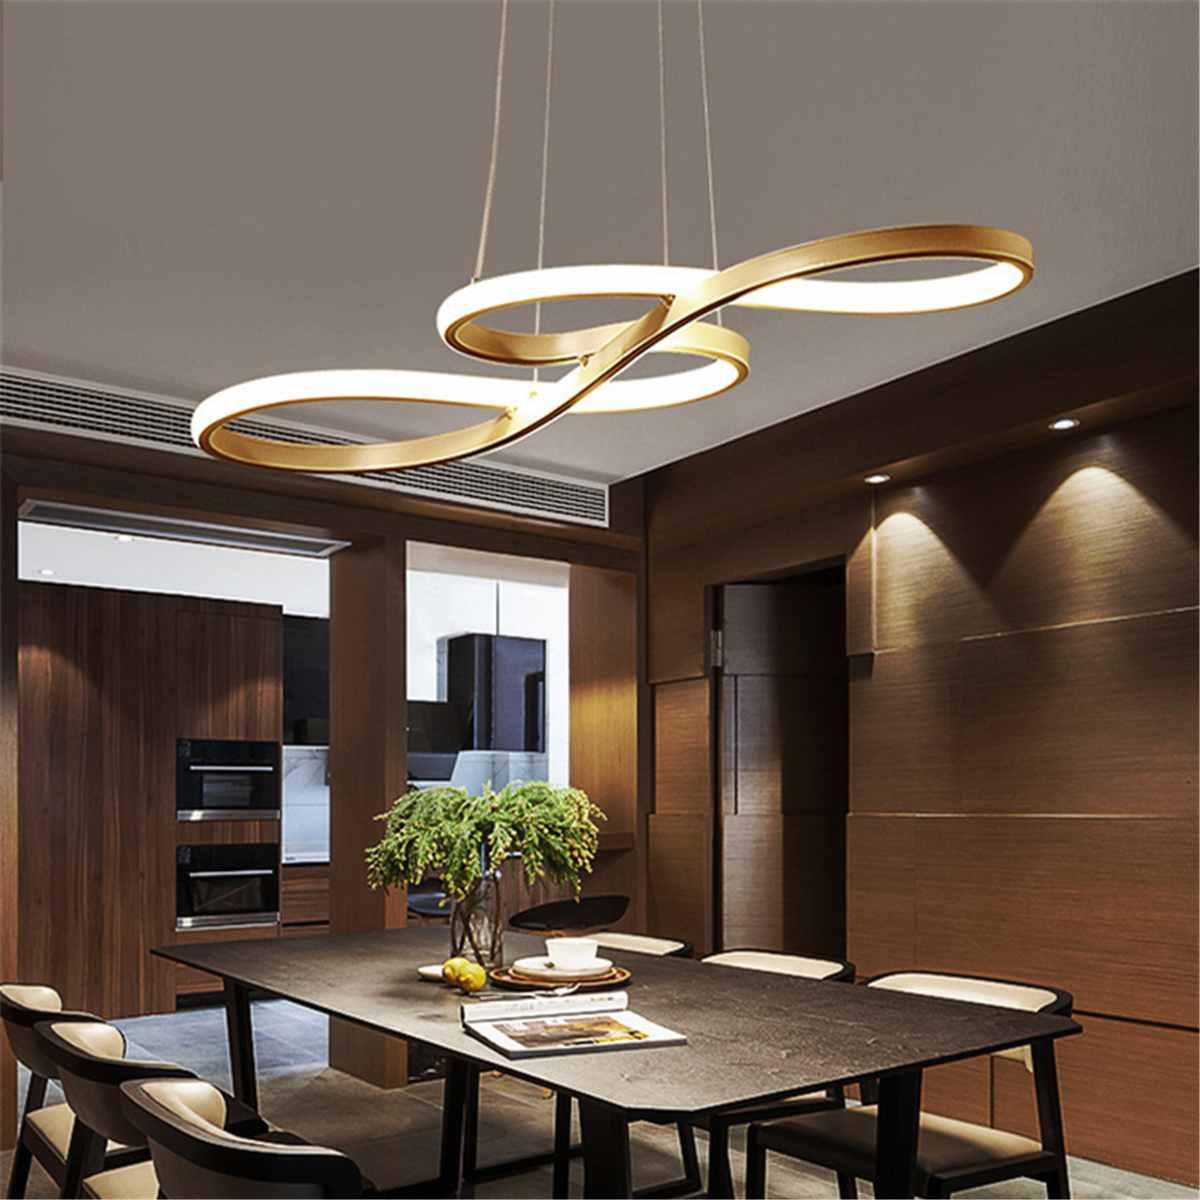 Yeelight Jiaoyue Minimalistischen Eisen E27 Anhänger Licht Für Cafe Bar Decor 200-220 V Deckenleuchten